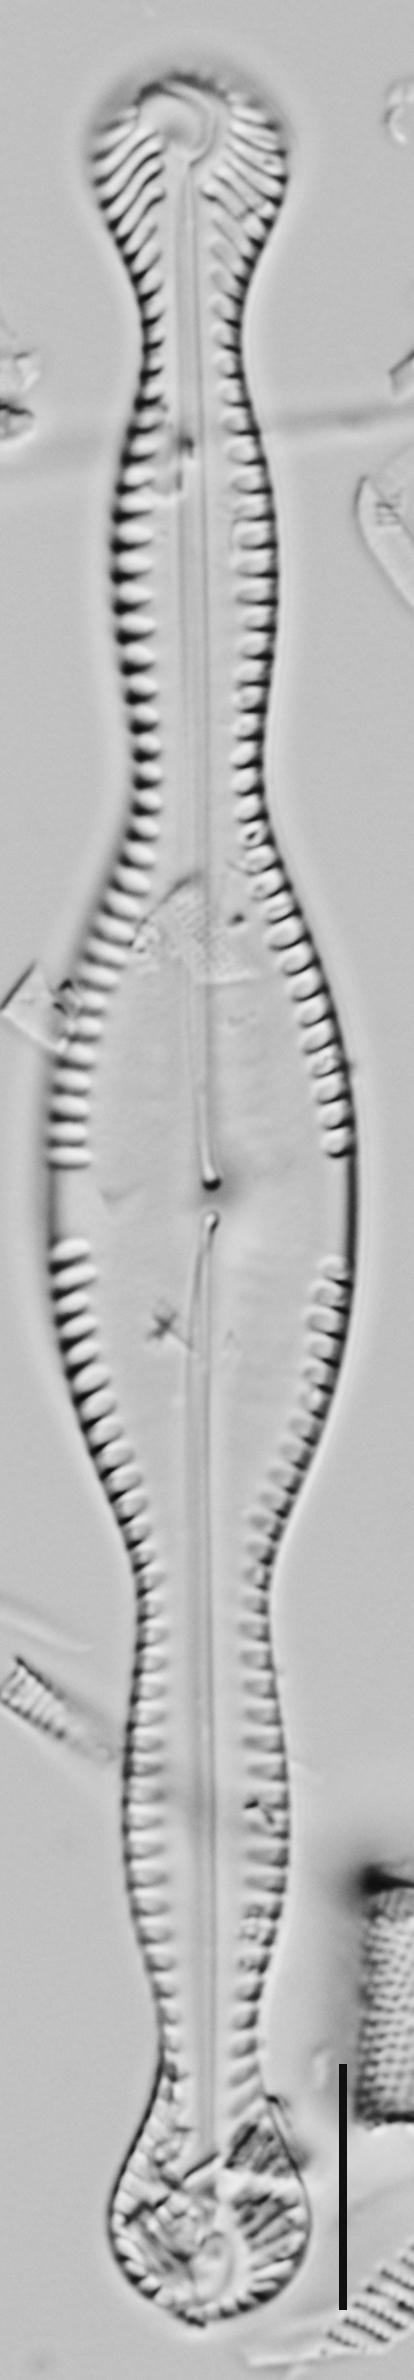 Pinnularia formica LM5